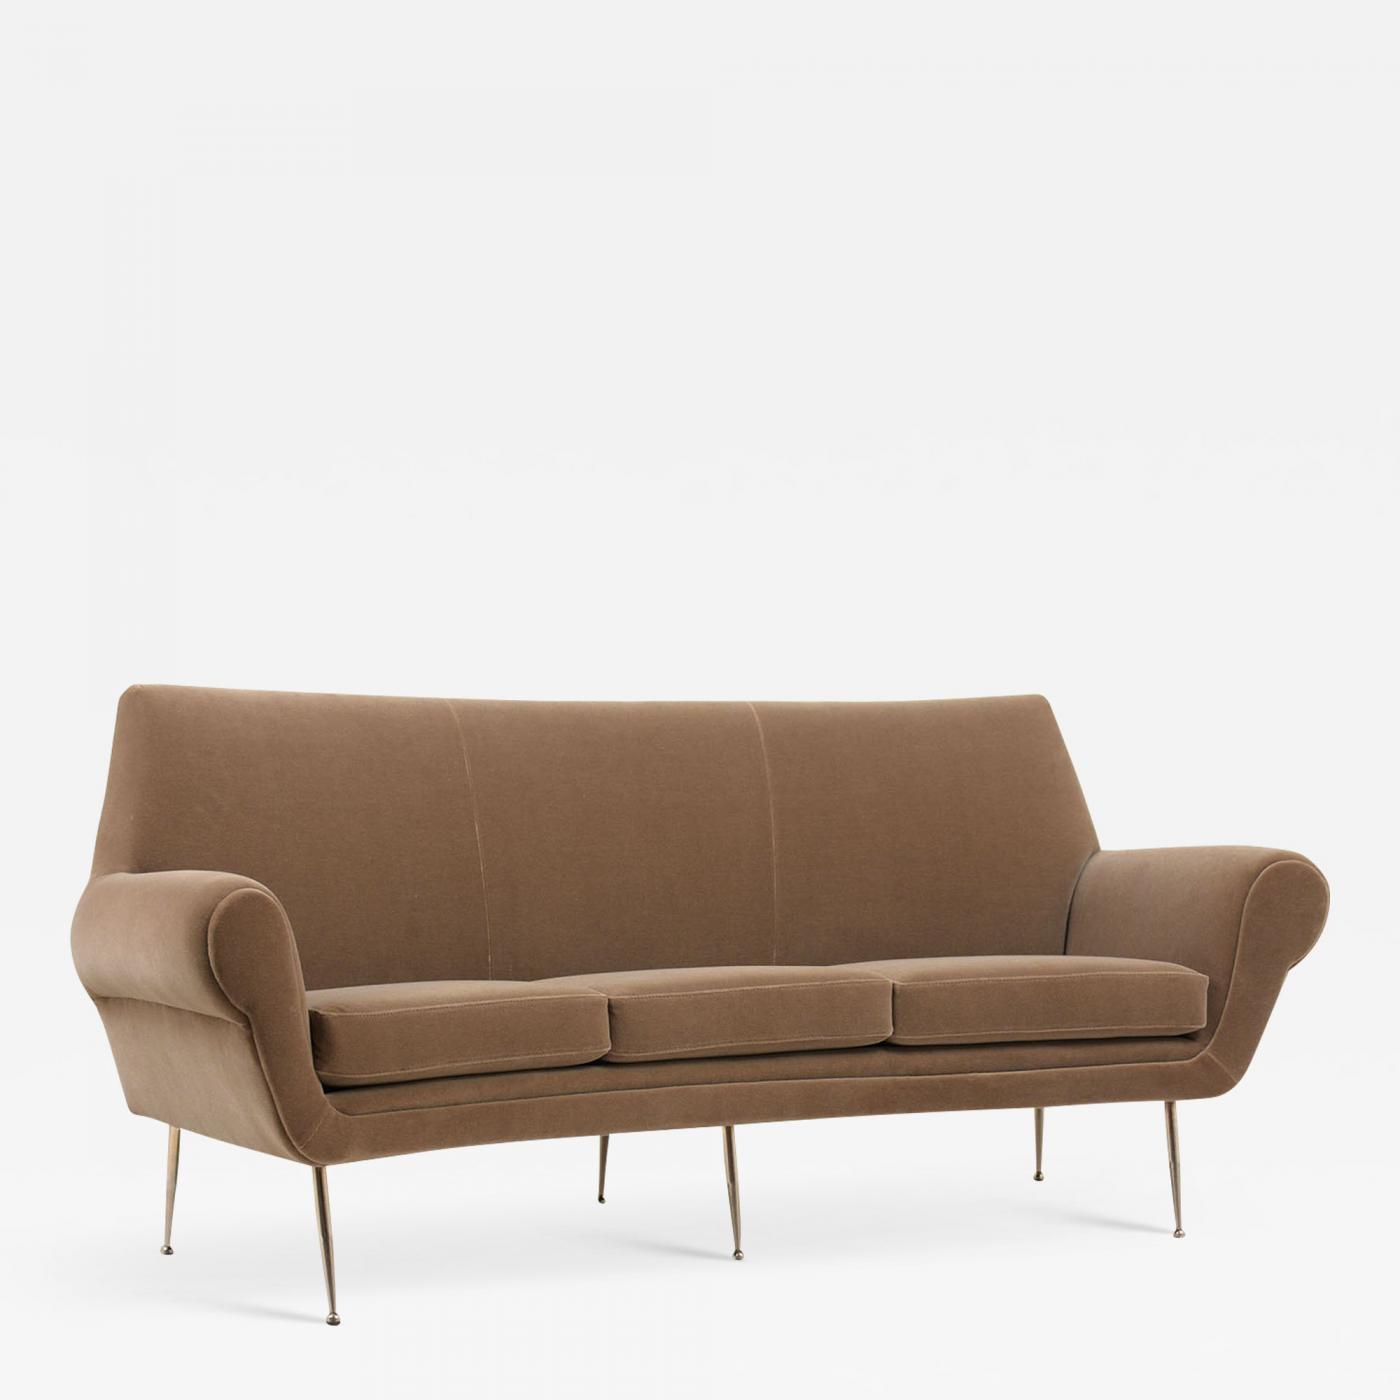 1960s Italian Modern Velvet Mohair Sofa